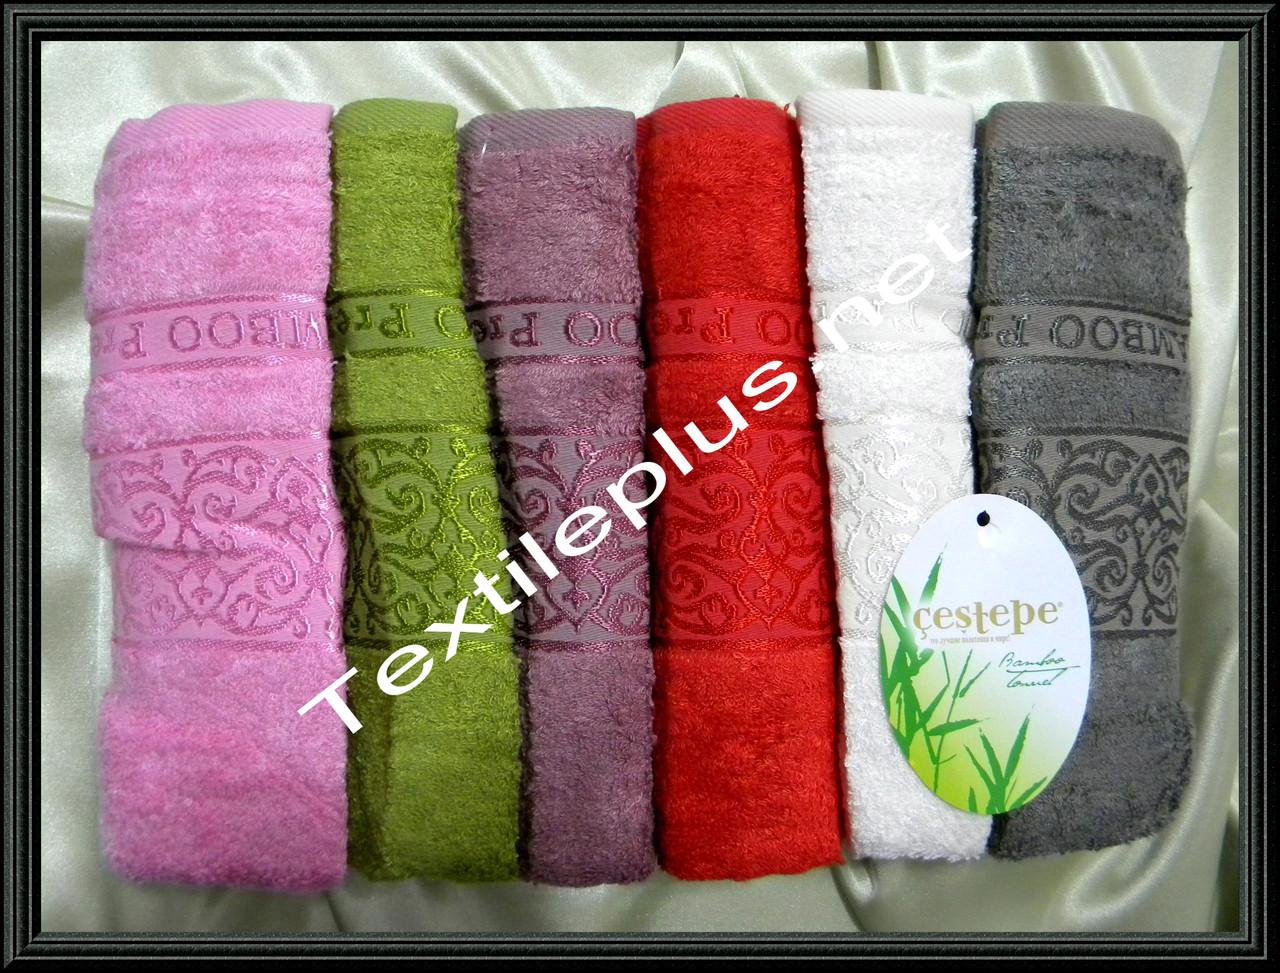 Комплект лицевых бамбуковых полотенец Cestepe Premium - Textile plus в Хмельницком